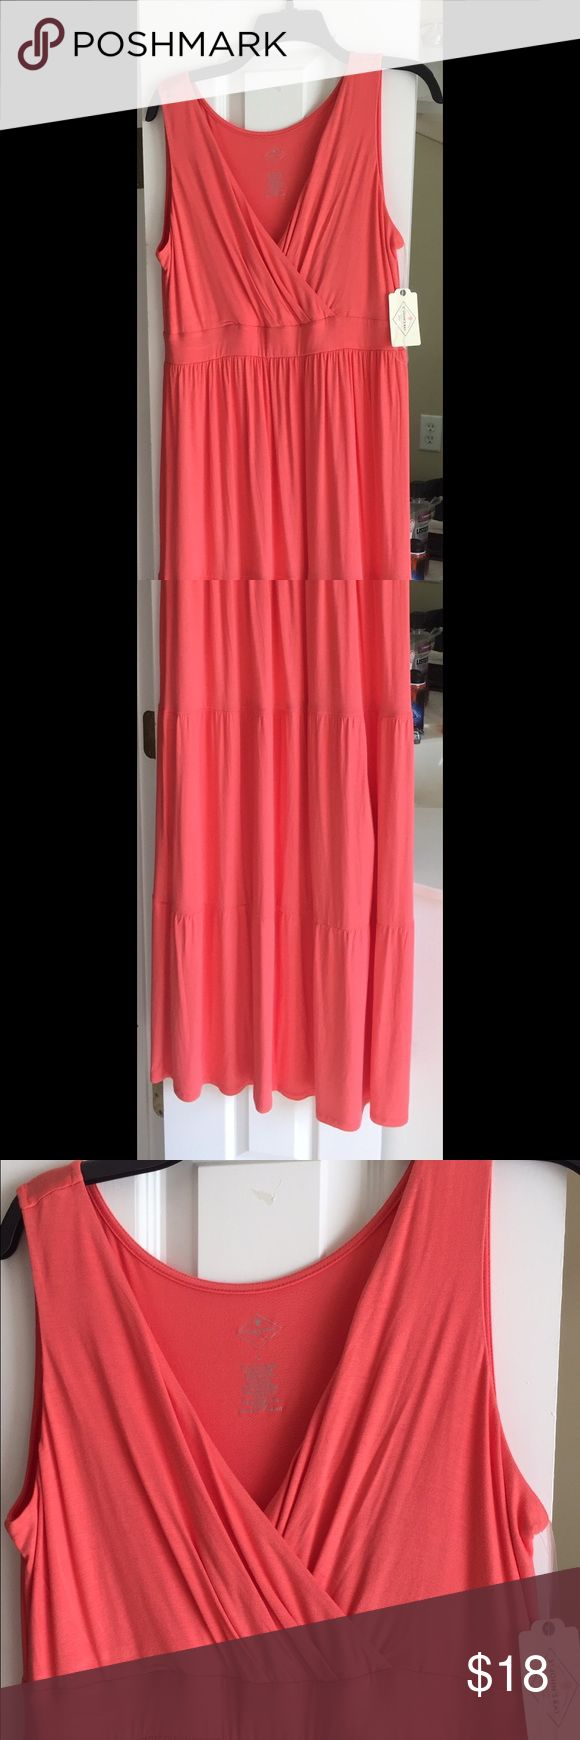 Cotton maxi dress Coral Cotton maxi dress, faux wrap top Dresses Maxi